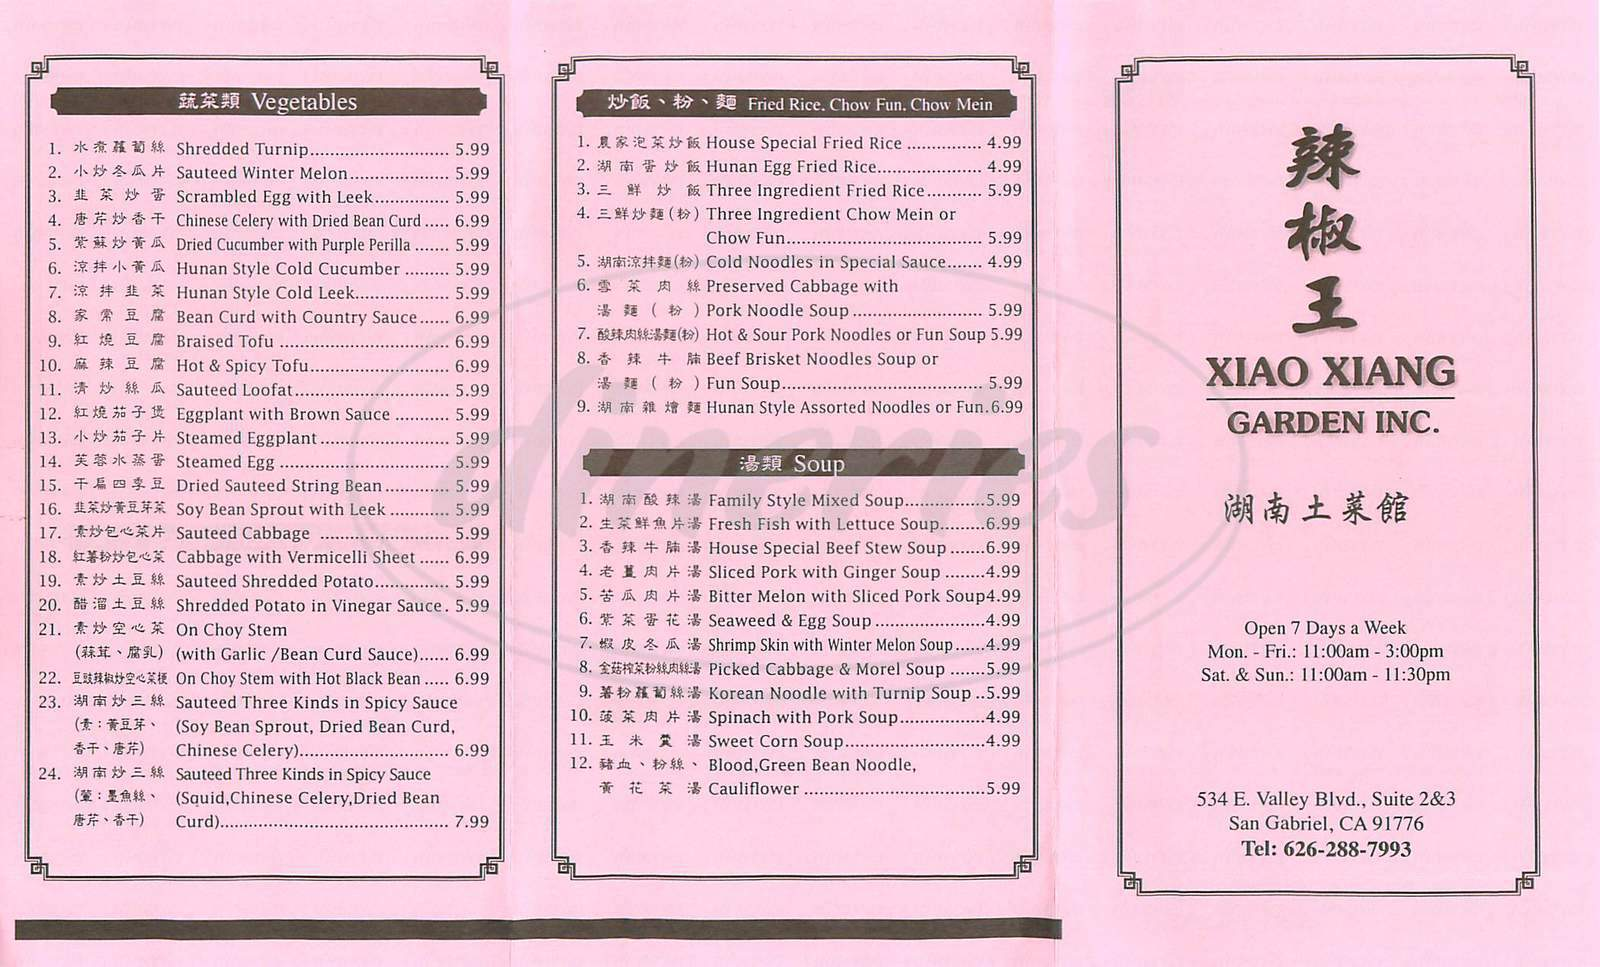 menu for Xiao Xiang Garden